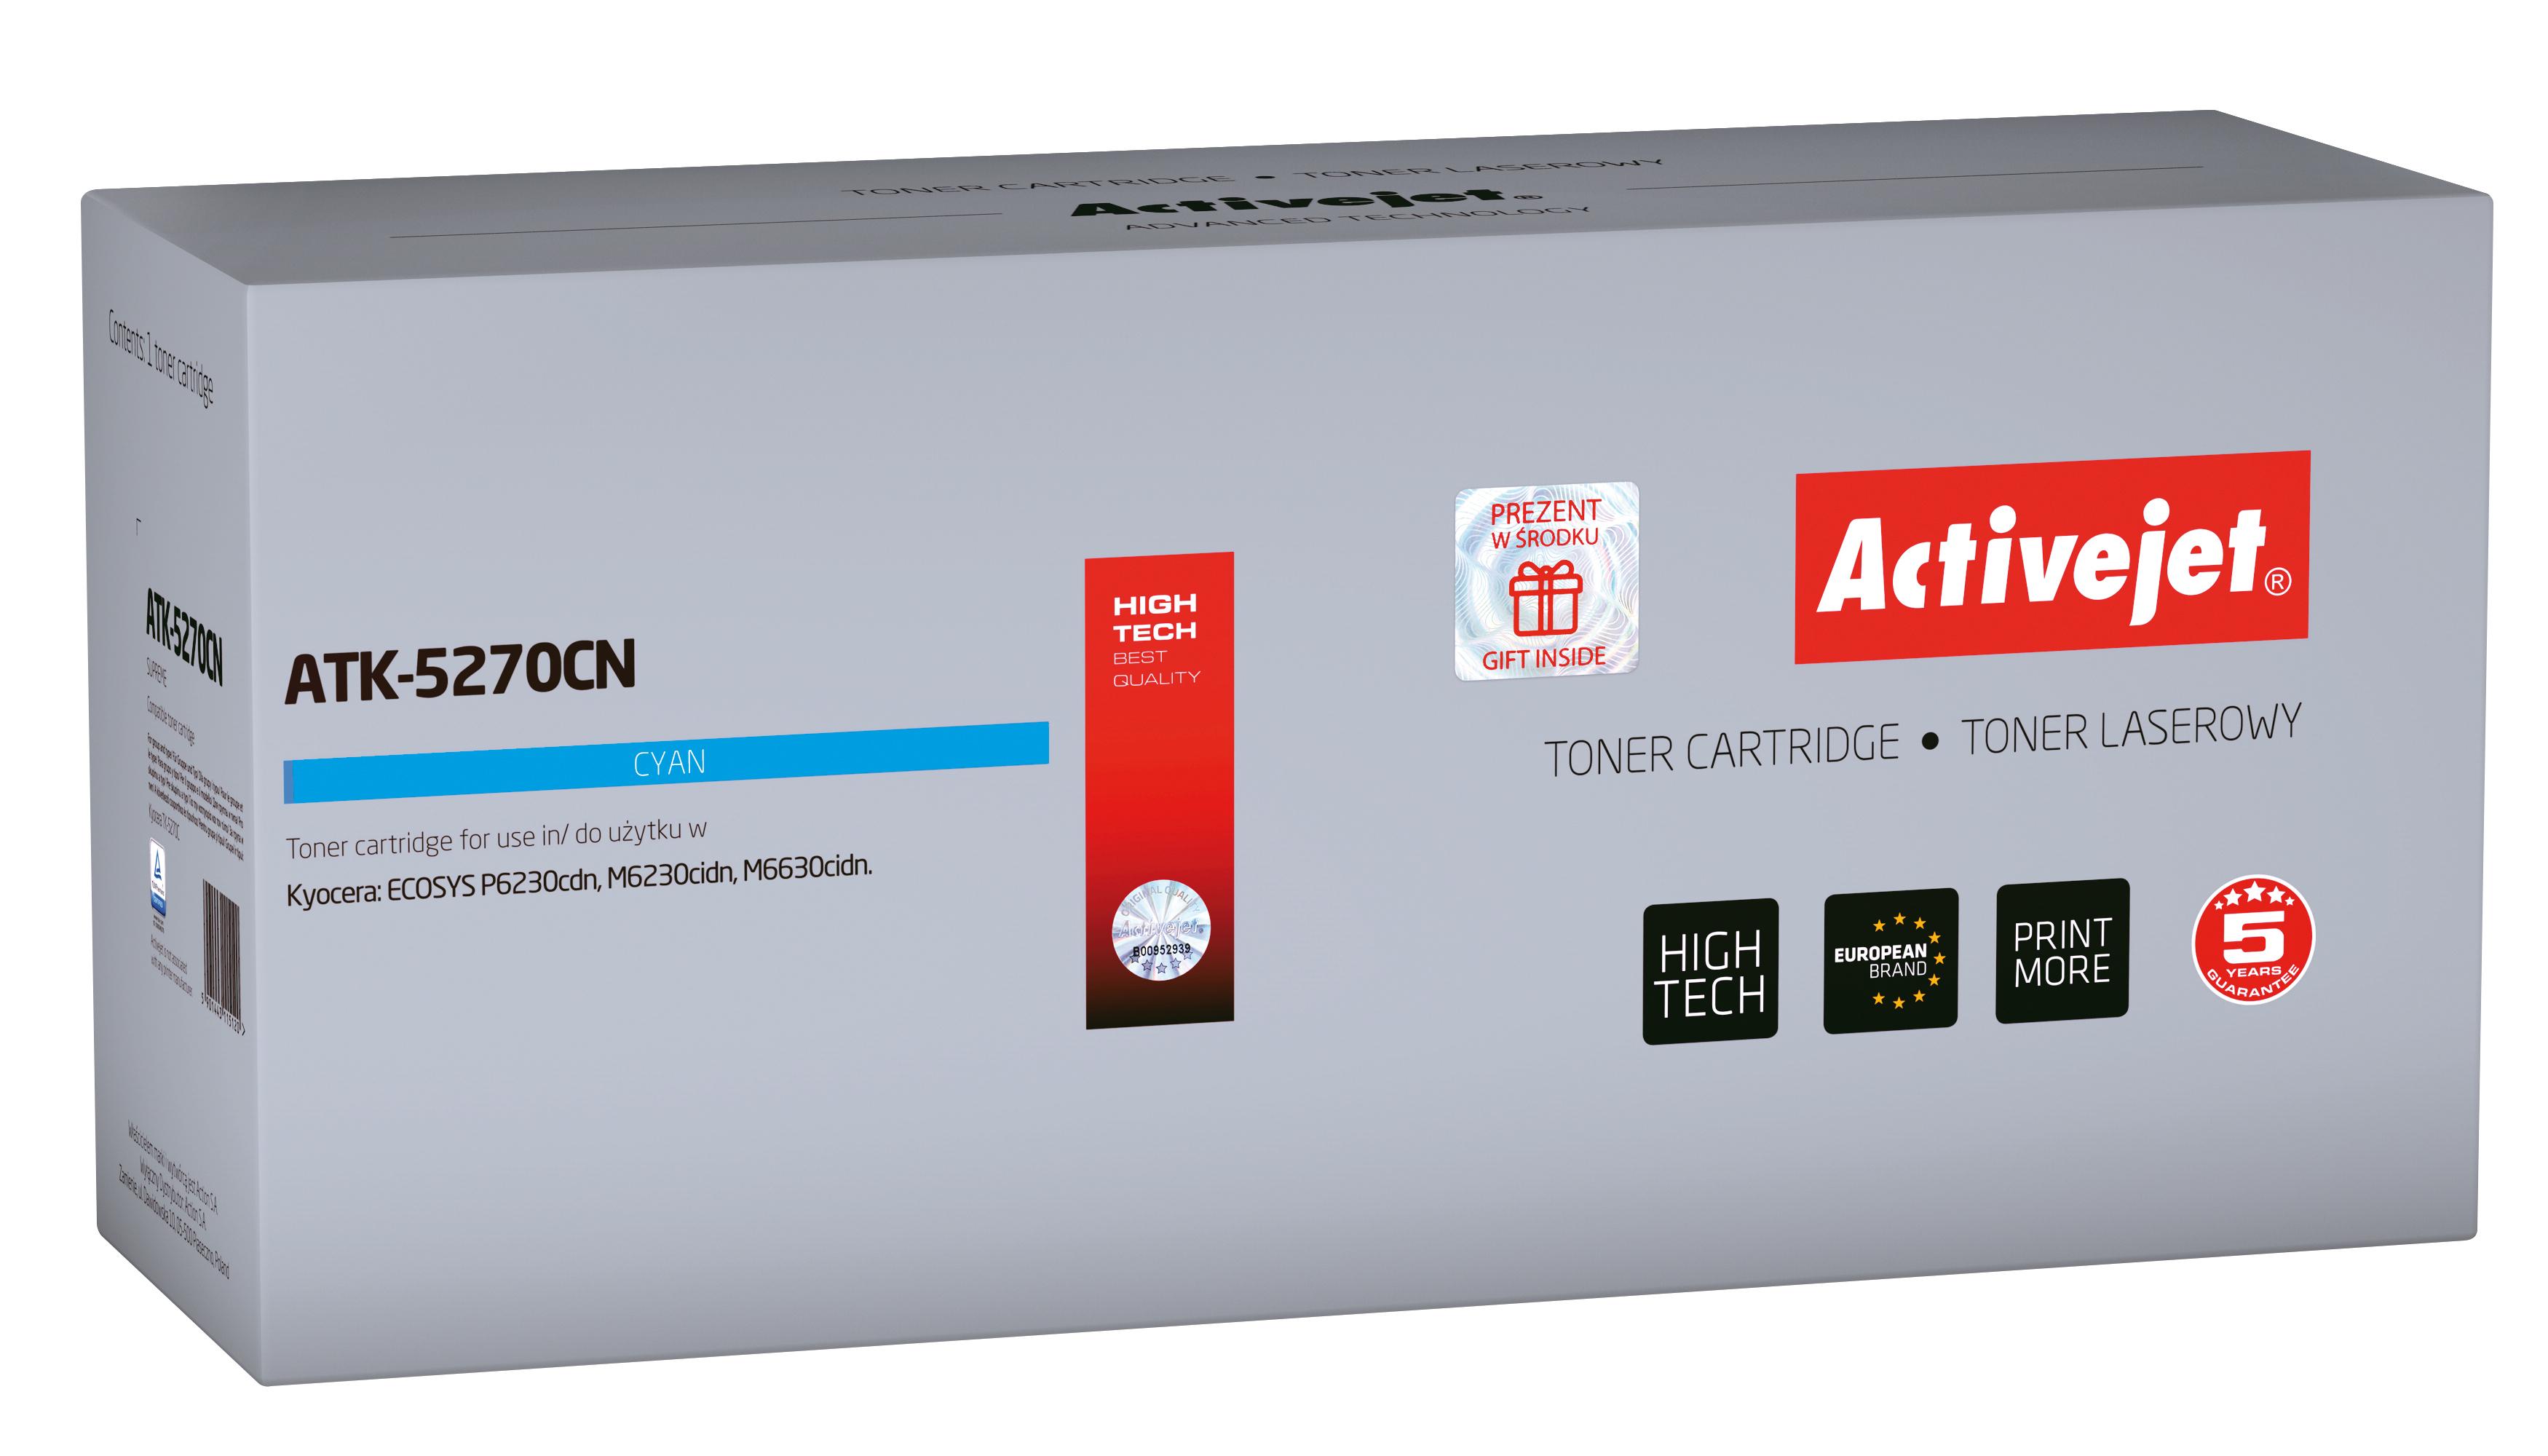 Toner Activejet  ATK-5270CN do drukarki Kyocera, Zamiennik Kyocera TK-5270C; Supreme; 6000 stron; Błękitny.